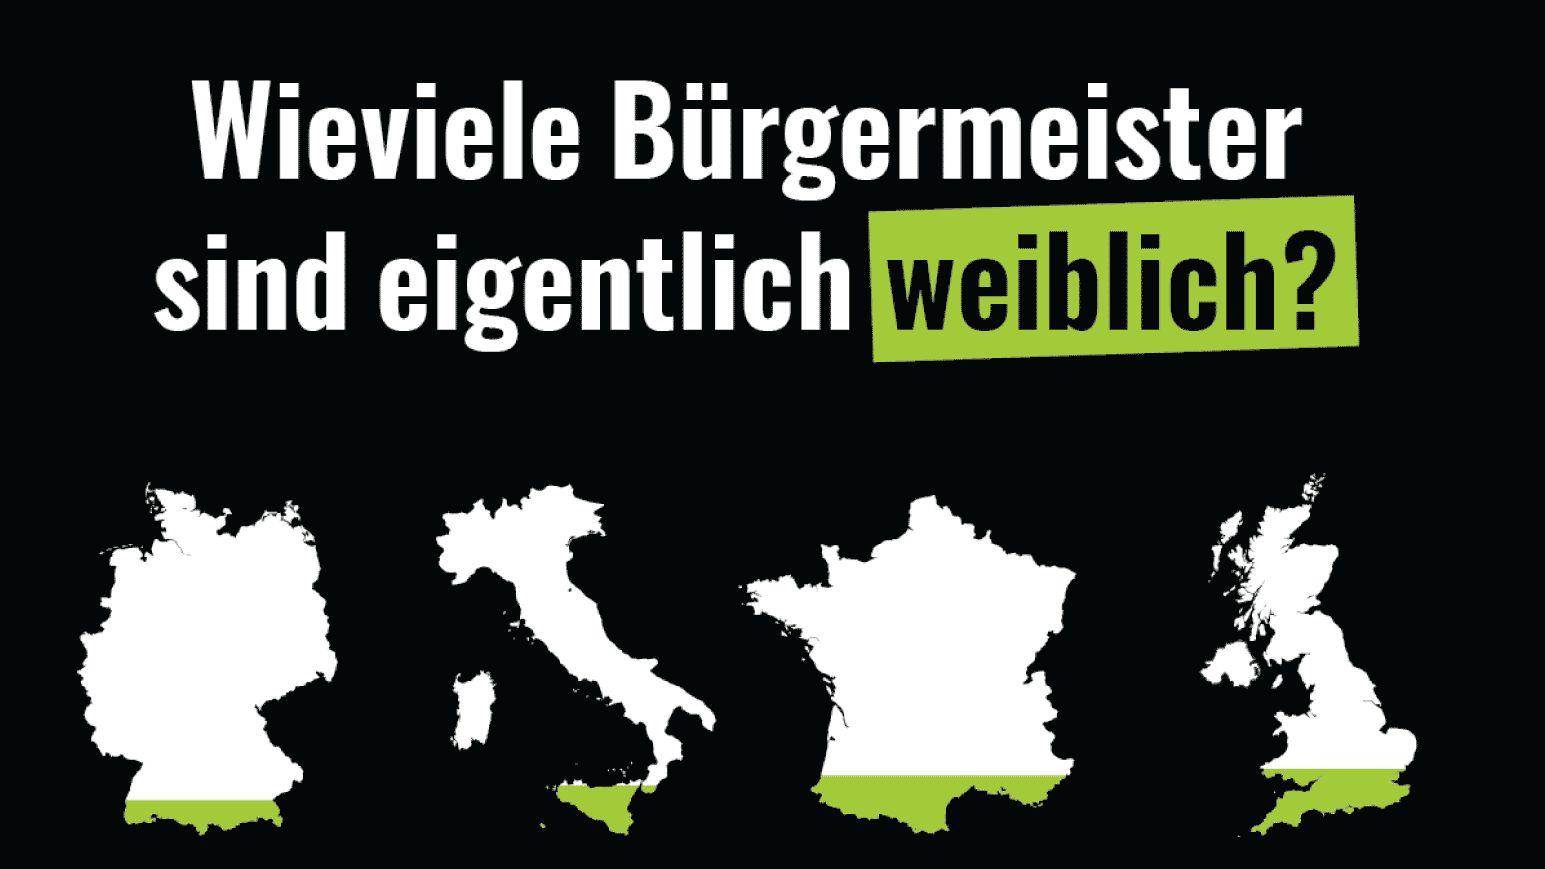 Das aktuelle Cover von Katapult und eine Grafik zur Frage, wieviele Bürgermeister in europäischen Ländern weiblich sind